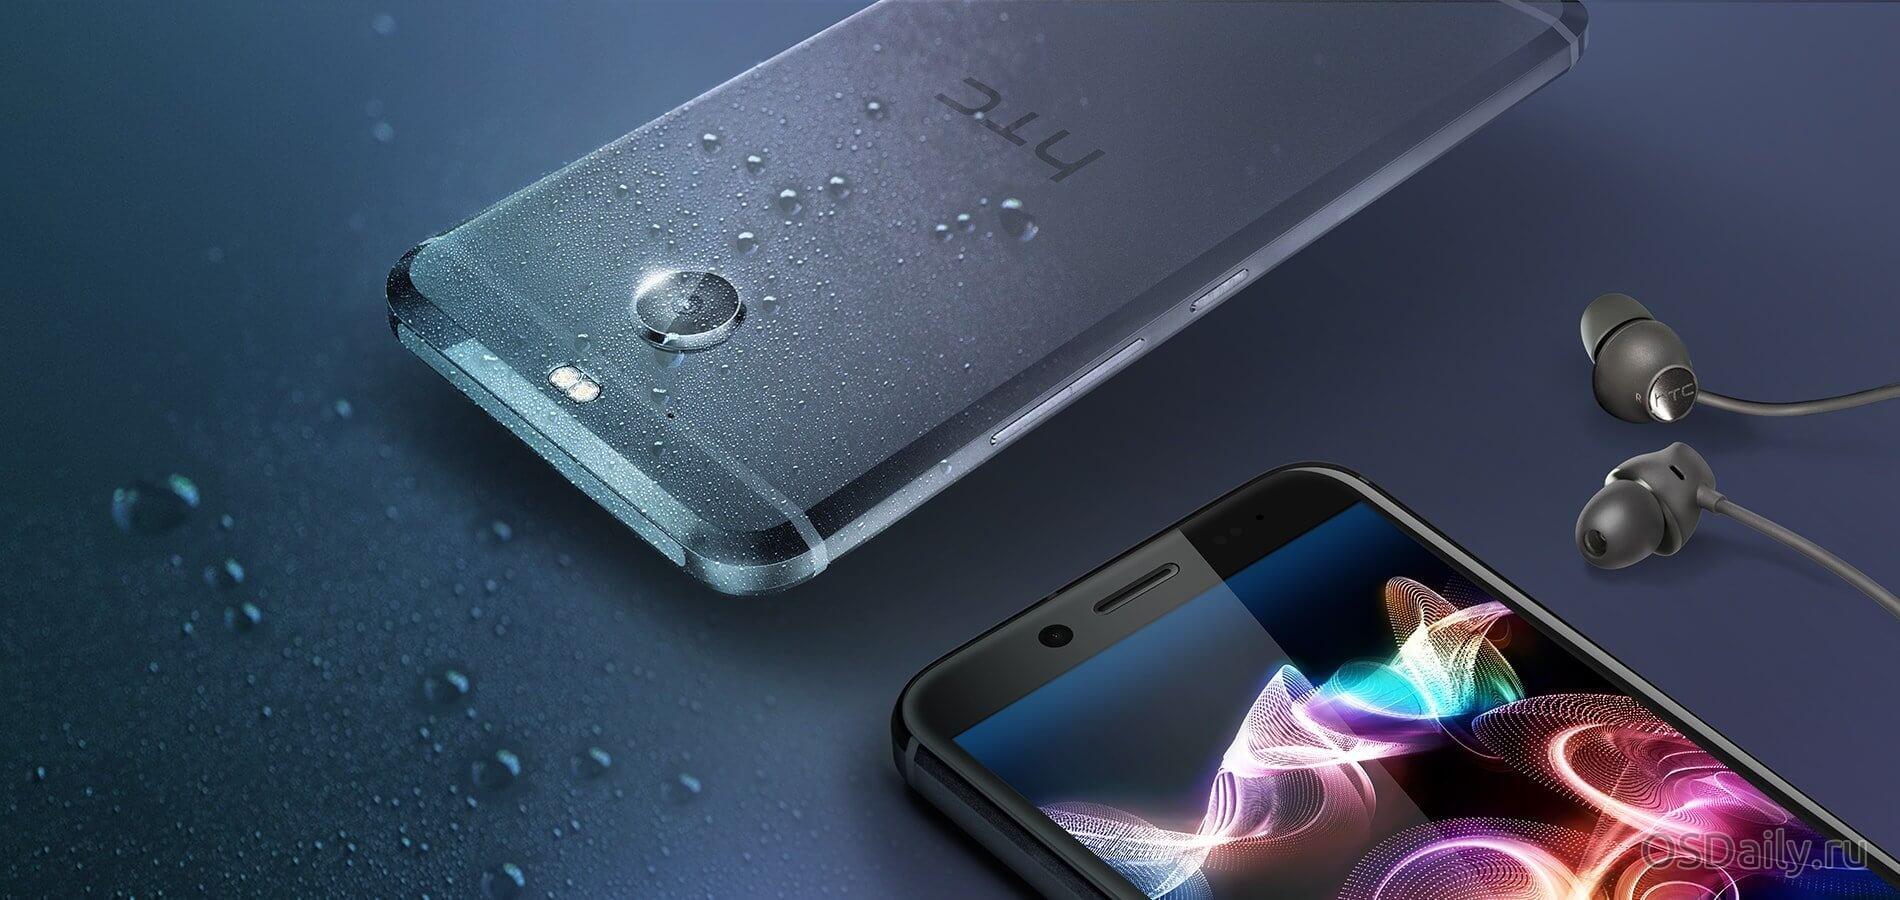 Компания HTC запустила HTC Evo 10 для Европы